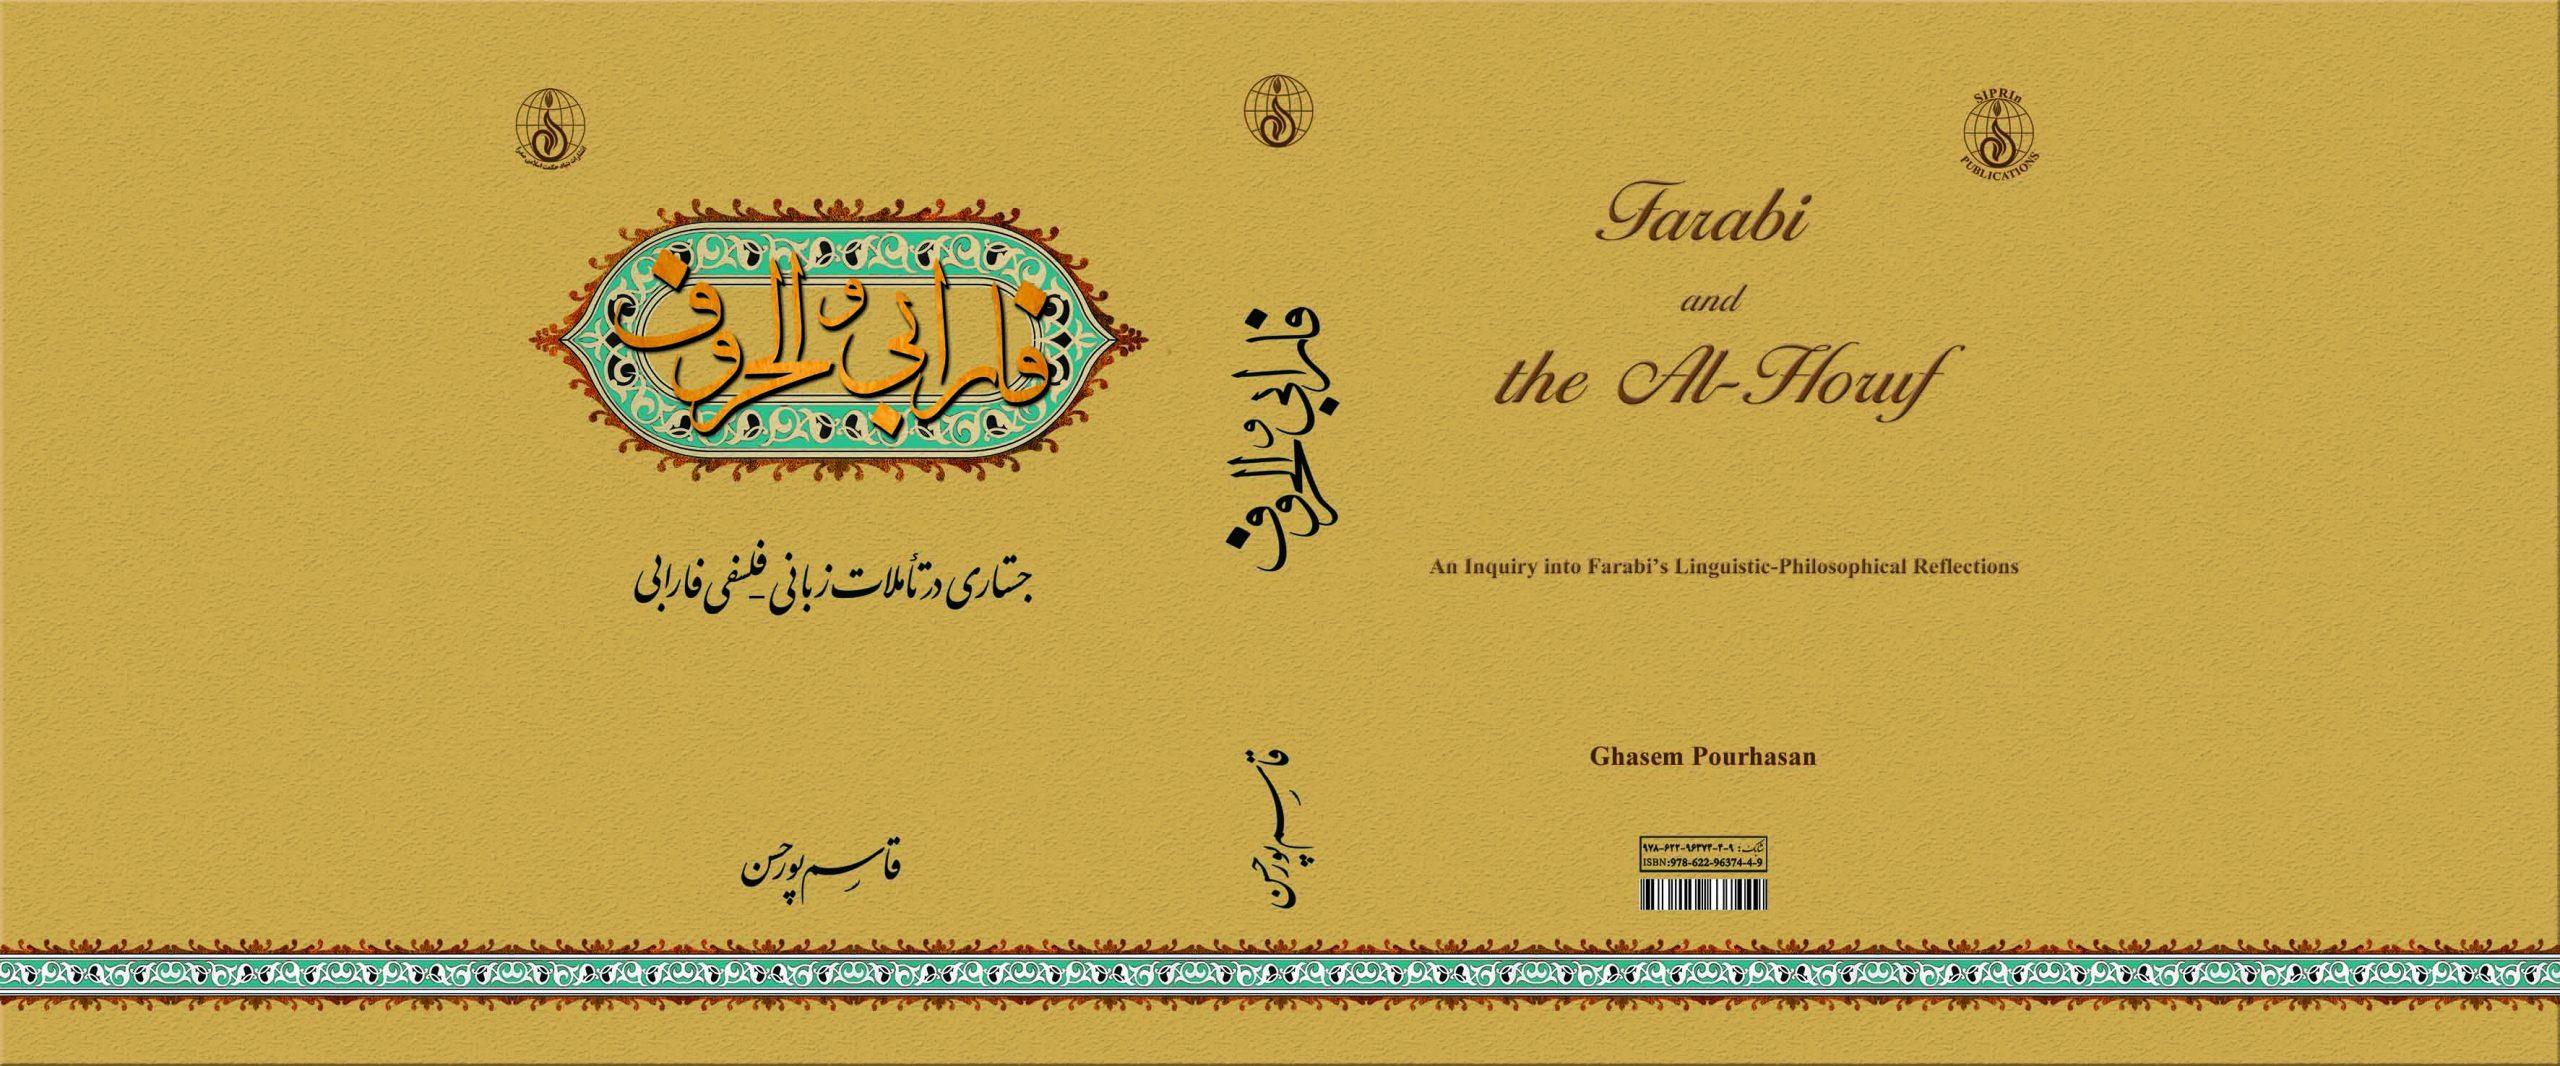 نخستین بازخوانی کتاب «فارابی و الحروف» منتشر شد